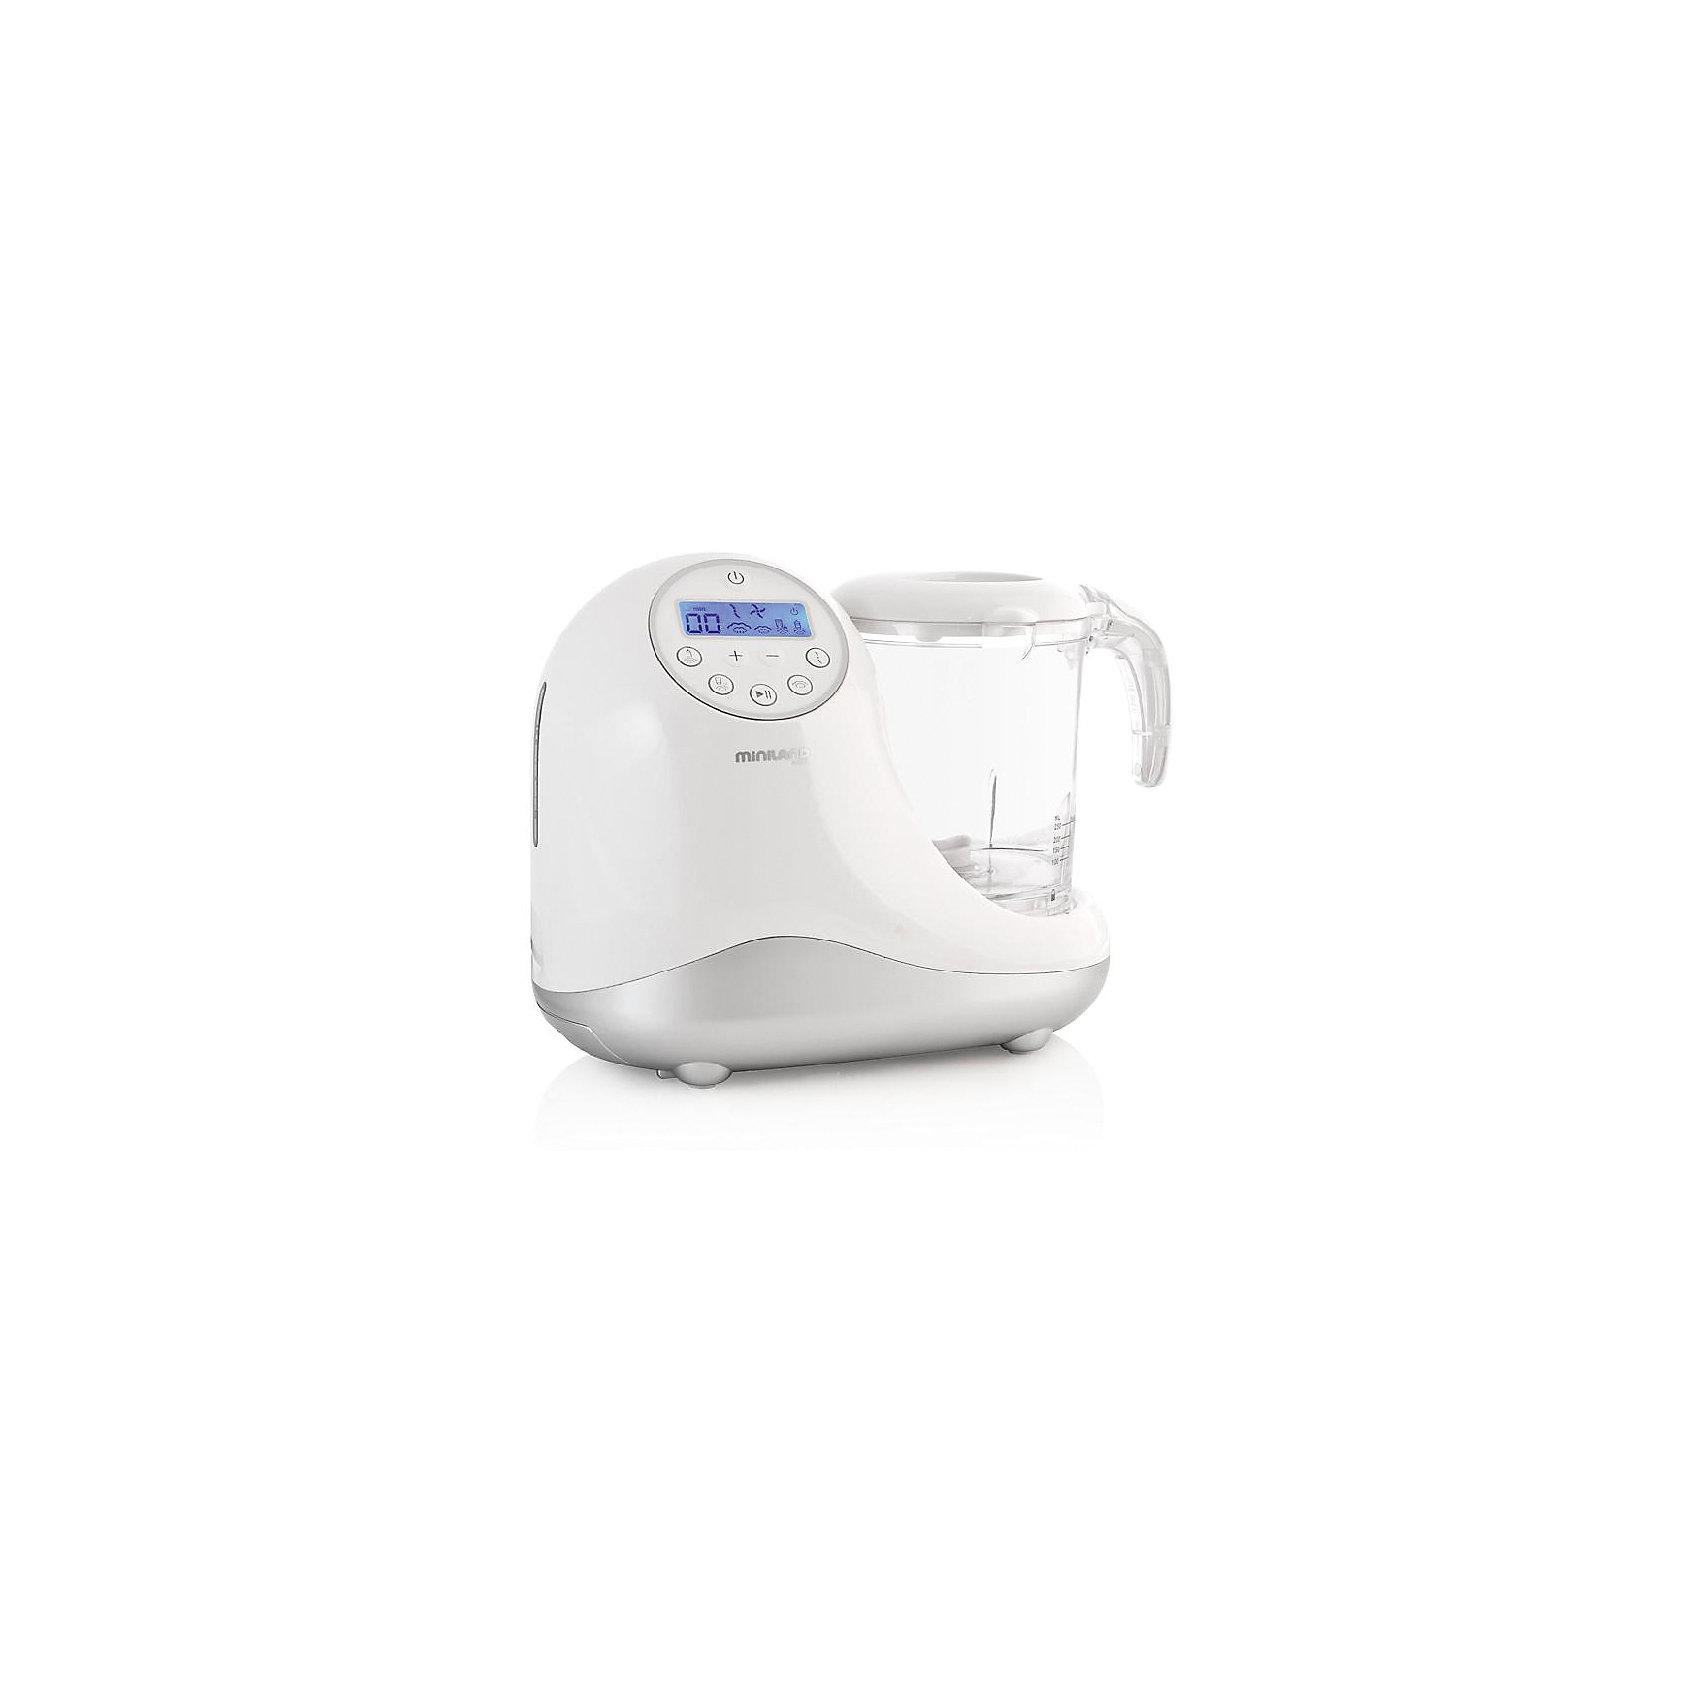 Кухонный комбайн 5 в 1 Chefy 5 Silver, MinilandБытовая техника для кухни<br>Характеристики товара:<br><br>• 3 отсека для раздельного приготовления продуктов.<br>• легко моется <br>• функция стерилизатора. <br>• функция размораживания<br>• визуальные и звуковые режимы предупреждения<br>• дисплей с подсветкой в нескольких вариантах<br>• дополнительный нижний ящик для хранения аксессуаров<br>• все составные части помещаются внутри большого стакана<br>• книга рецептов. <br>• все пластиковые элементы изготовлены без Бисфенола-А<br>• сумка для хранения<br>• размер: 27?23?16,5 см.<br>• страна-производитель: Испания<br>• габариты: 28 x 14 х 30 см<br>• вес: 2.84 кг.<br><br>Кухонный комбайн 5 в 1 имеет множество полезных функций для здорового приготовления детской пищи.<br><br>Быстро нагревает детские бутылочки и контейнеры для детского питания любого размера и формы.<br><br>Готовит и нагревает еду на пару, 2 уровня под разные виды блюд, сохраняет питательные вещества продуктов.<br><br>Измельчает, 2 скорости под разные виды продуктов.<br><br>Большой стакан (1л) может быть увеличен с помощью дополнительных секций.<br><br>Все контейнеры, секции и ножи можно мыть в посудомоечной машине.<br><br>Автоматическое подключение системы безопасности и перевод в режим ожидания при полном выпаривание воды. <br><br>Многофункциональный кухонный комбайн Chefy 5 Silver можно курпить в нашем интернет-магазине.<br><br>Ширина мм: 306<br>Глубина мм: 274<br>Высота мм: 231<br>Вес г: 2882<br>Цвет: серебряный<br>Возраст от месяцев: 0<br>Возраст до месяцев: 36<br>Пол: Унисекс<br>Возраст: Детский<br>SKU: 4027748